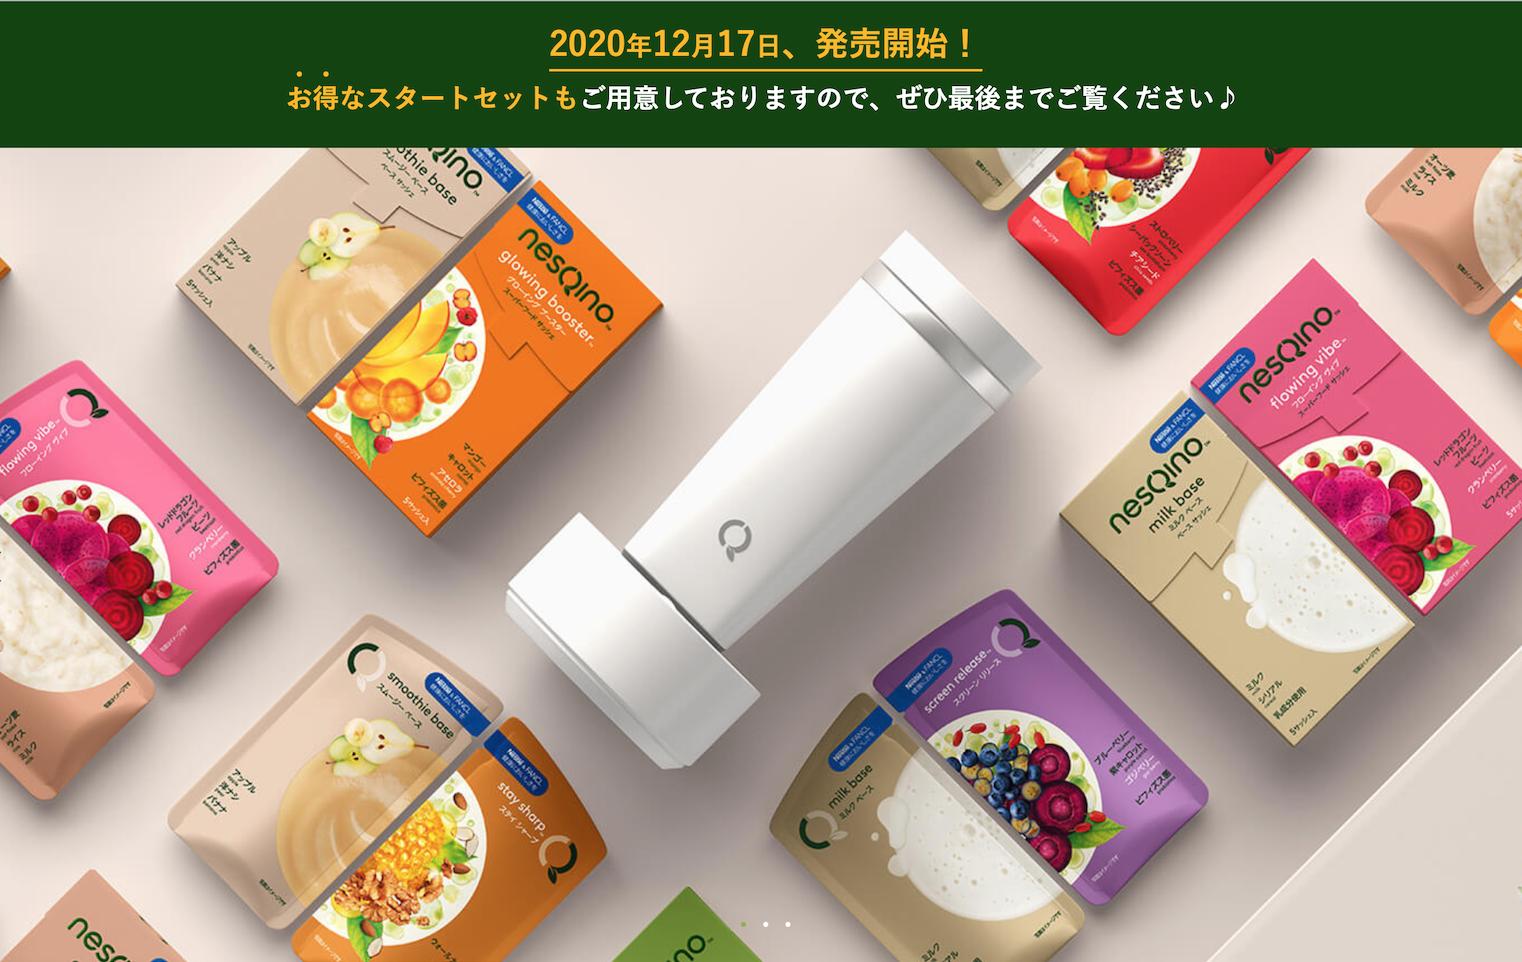 """发力""""超级食品"""",雀巢联手 Fancl 在日本推出思慕雪冲剂按期订购服务"""